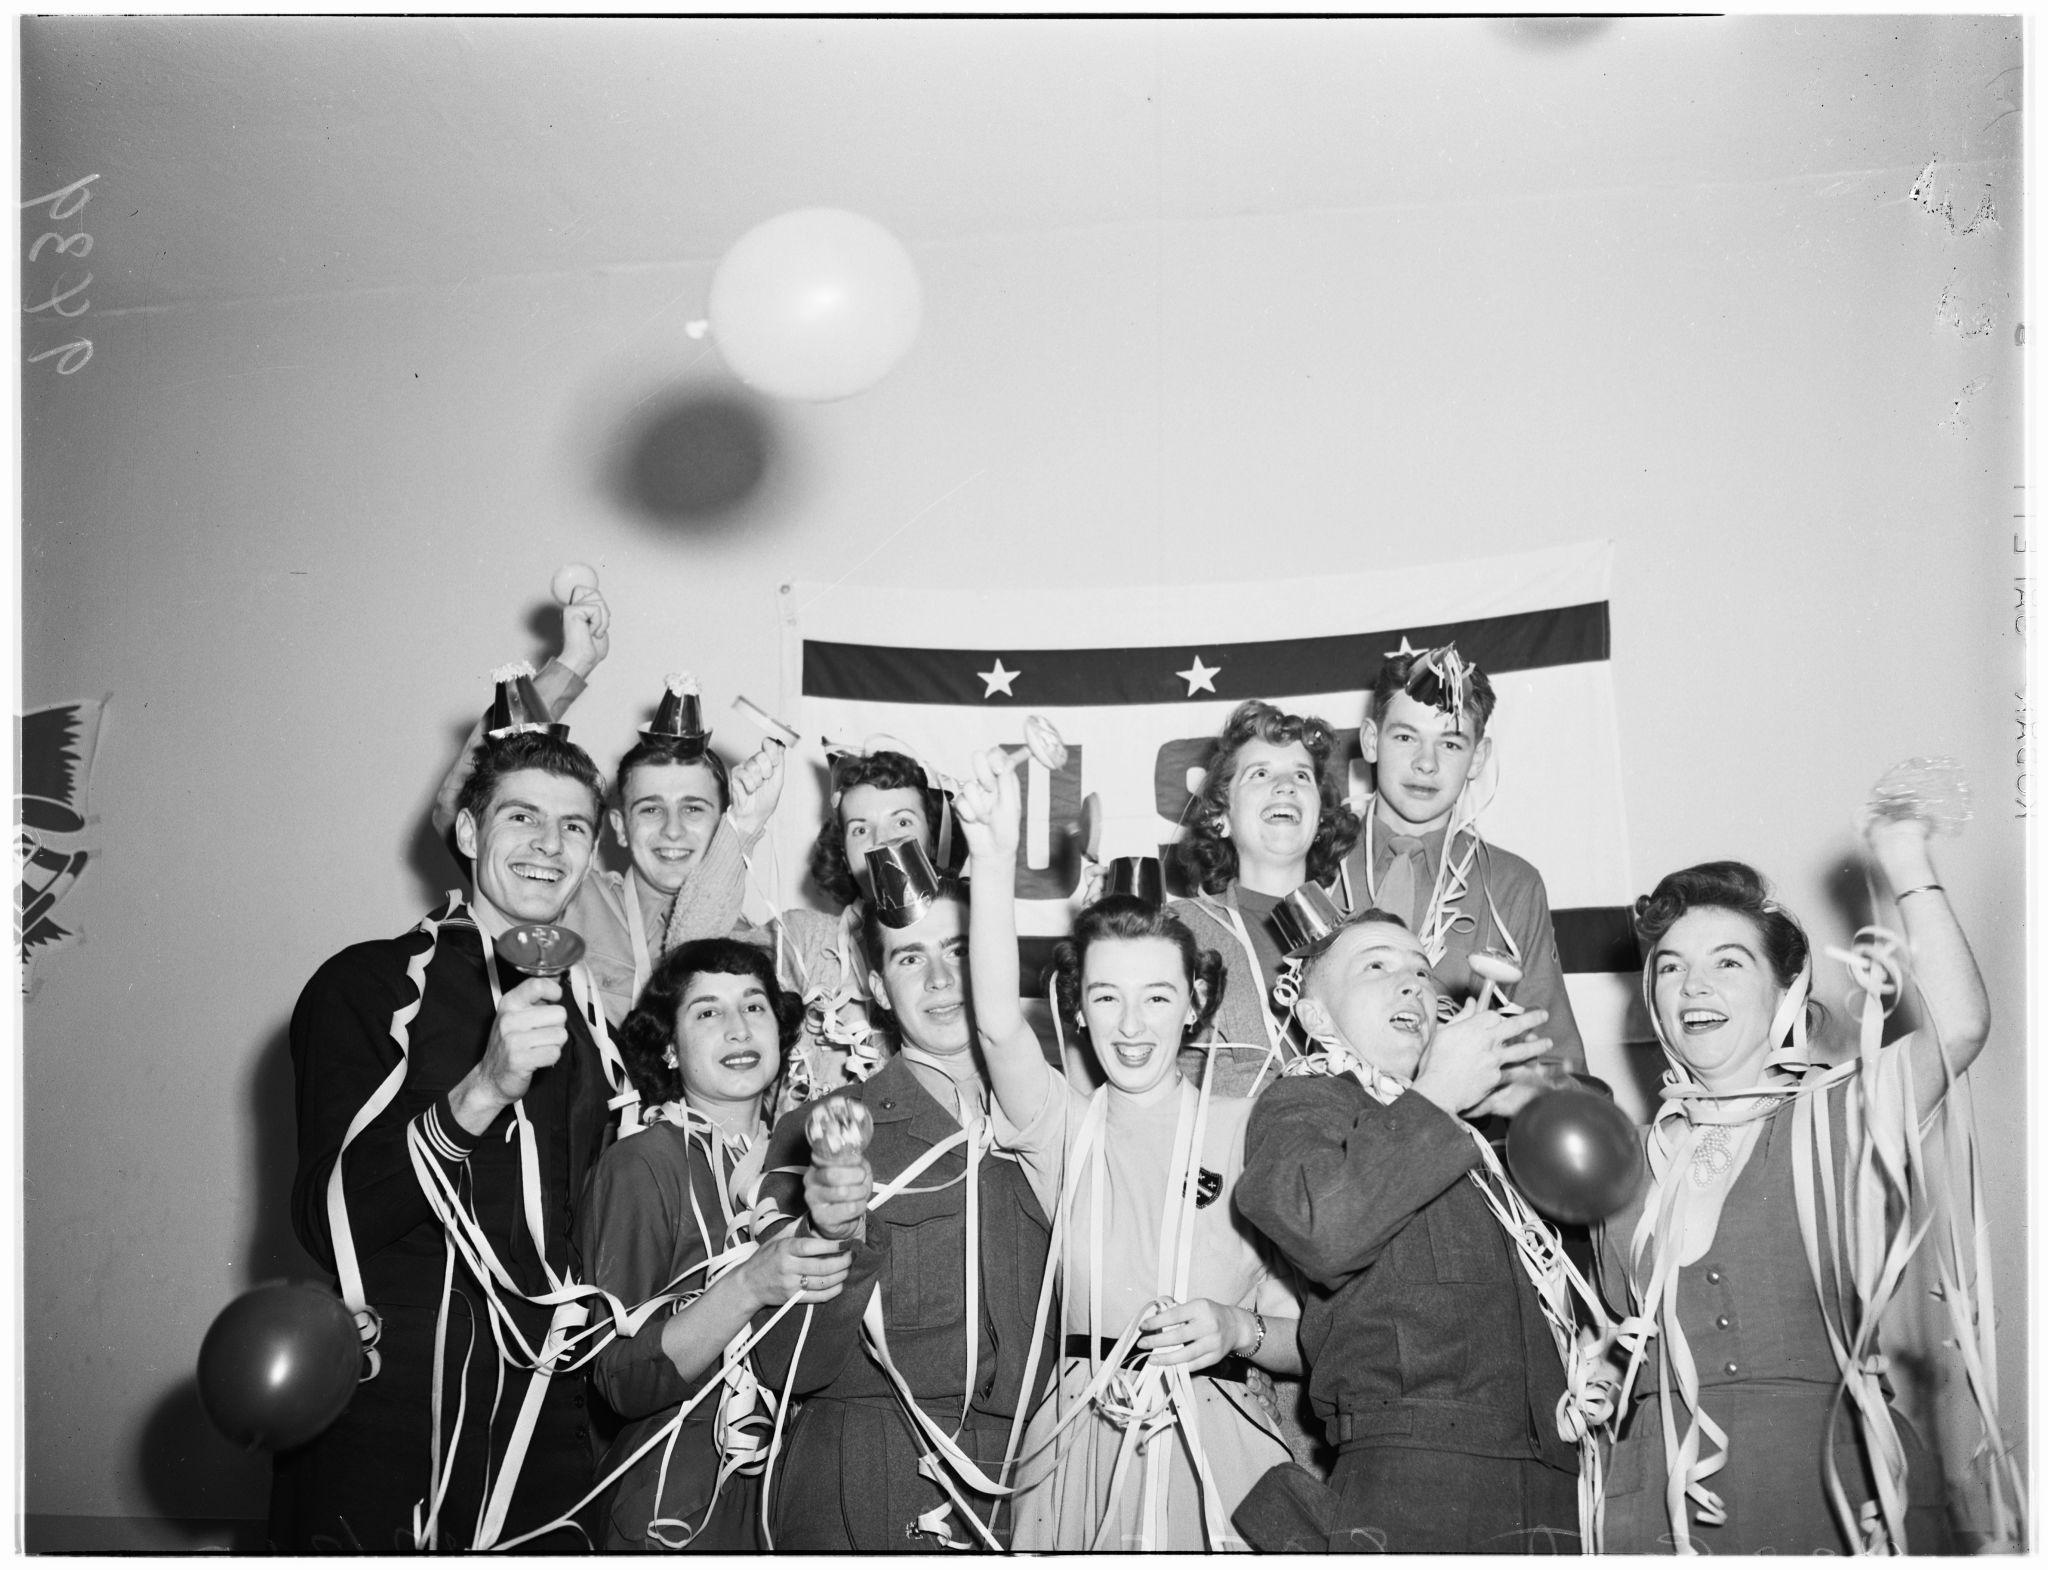 1951. Канун Нового года, 31 декабря 1951 года. Военнослужащие и домохозяйки пришли в Католический объединенный центр на Саут-Флауэр-стрит, 807, Лос-А…